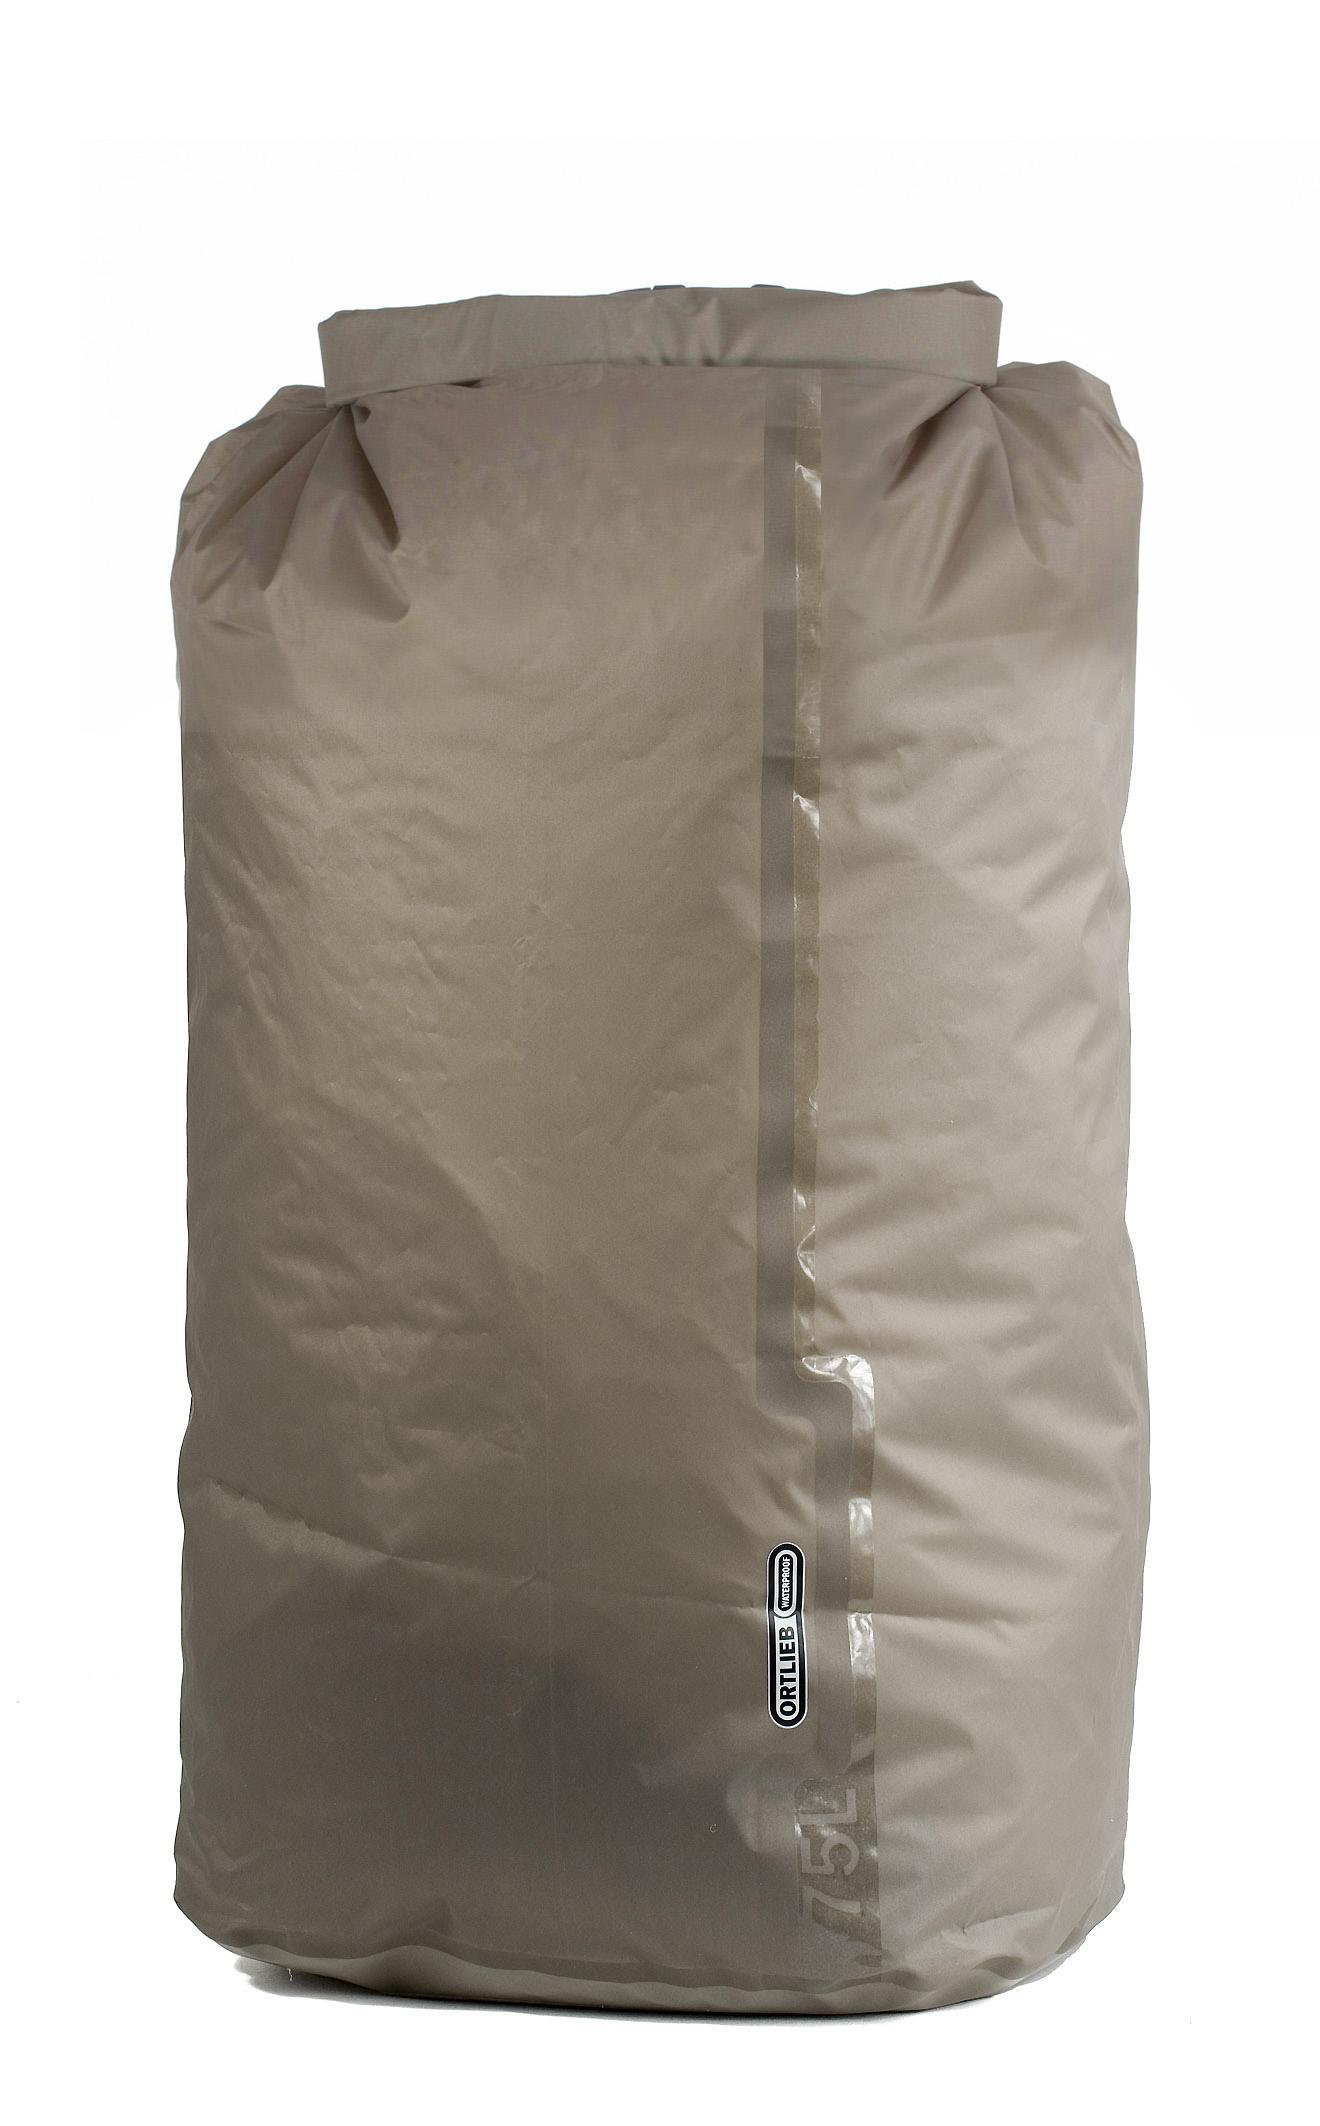 Ortlieb Packsack Liner